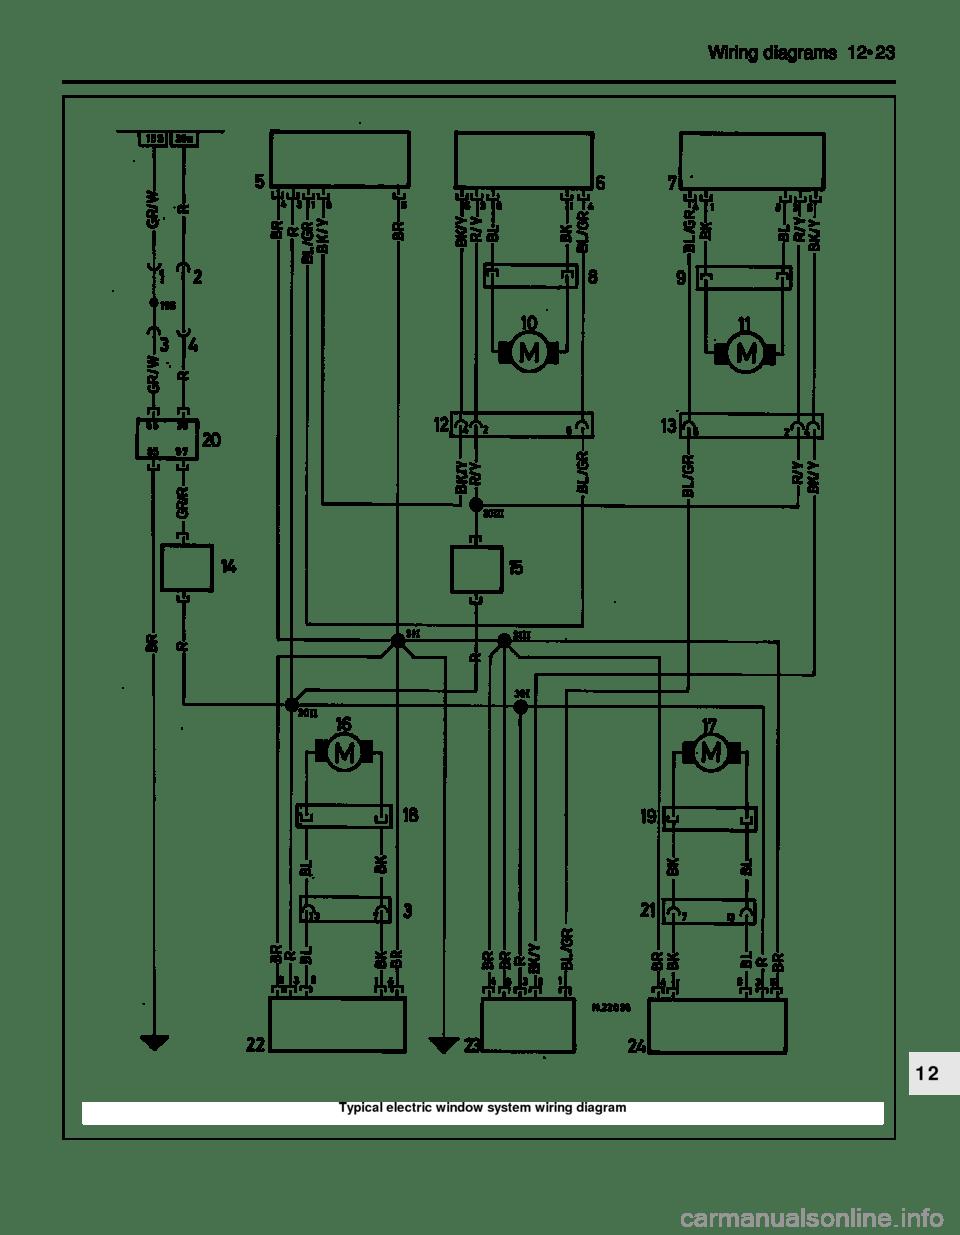 1986 el camino wiring diagram